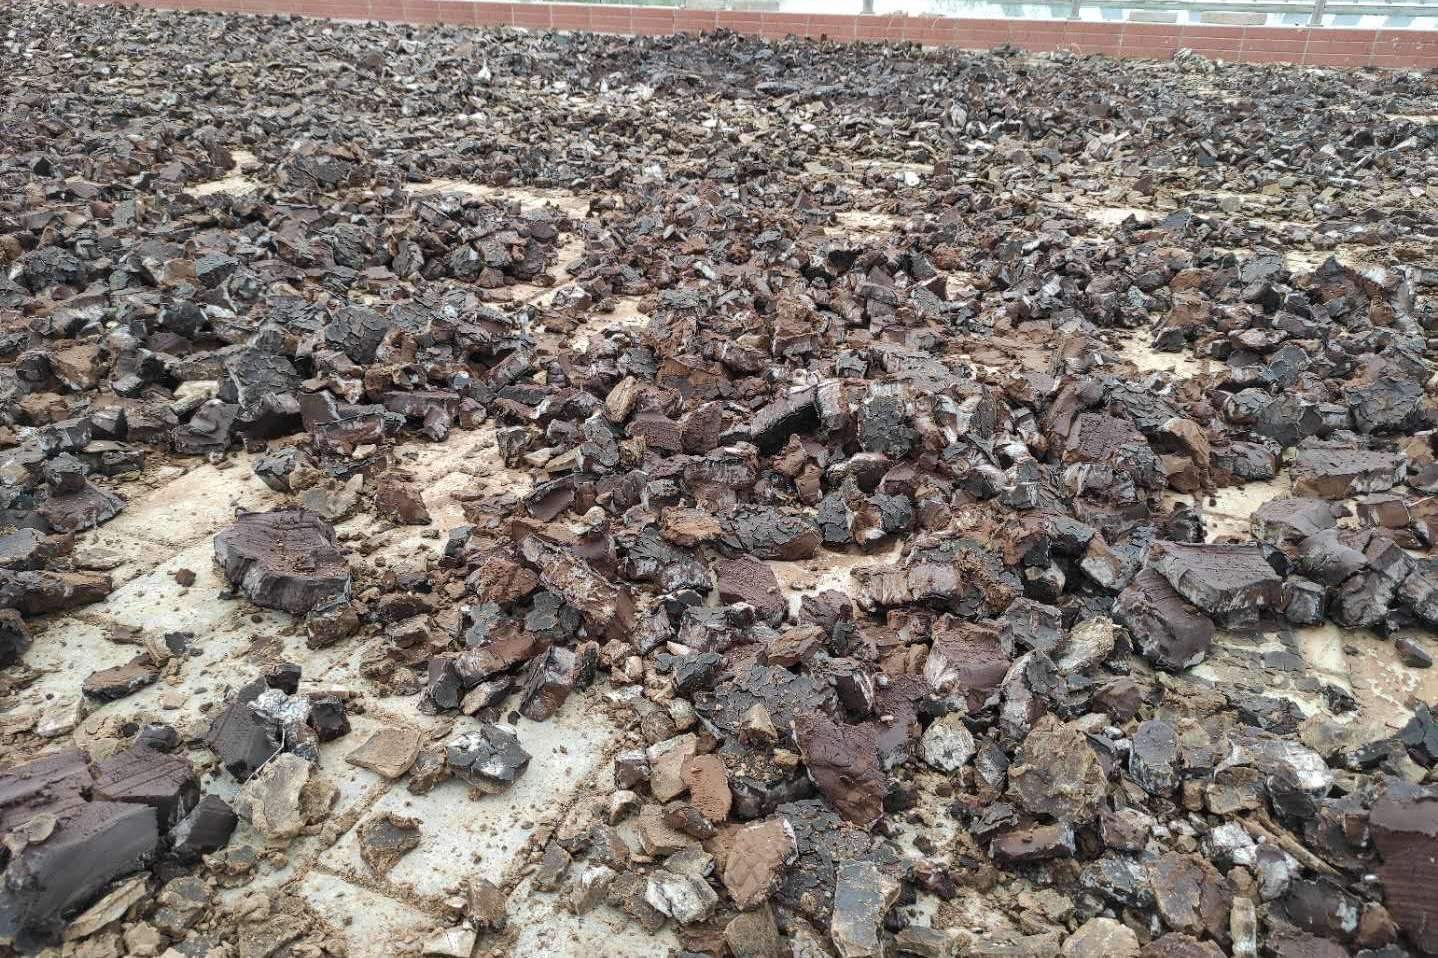 在陕西咸阳农村游玩,地上晒了这么多黑色的东西,像不像巧克力?